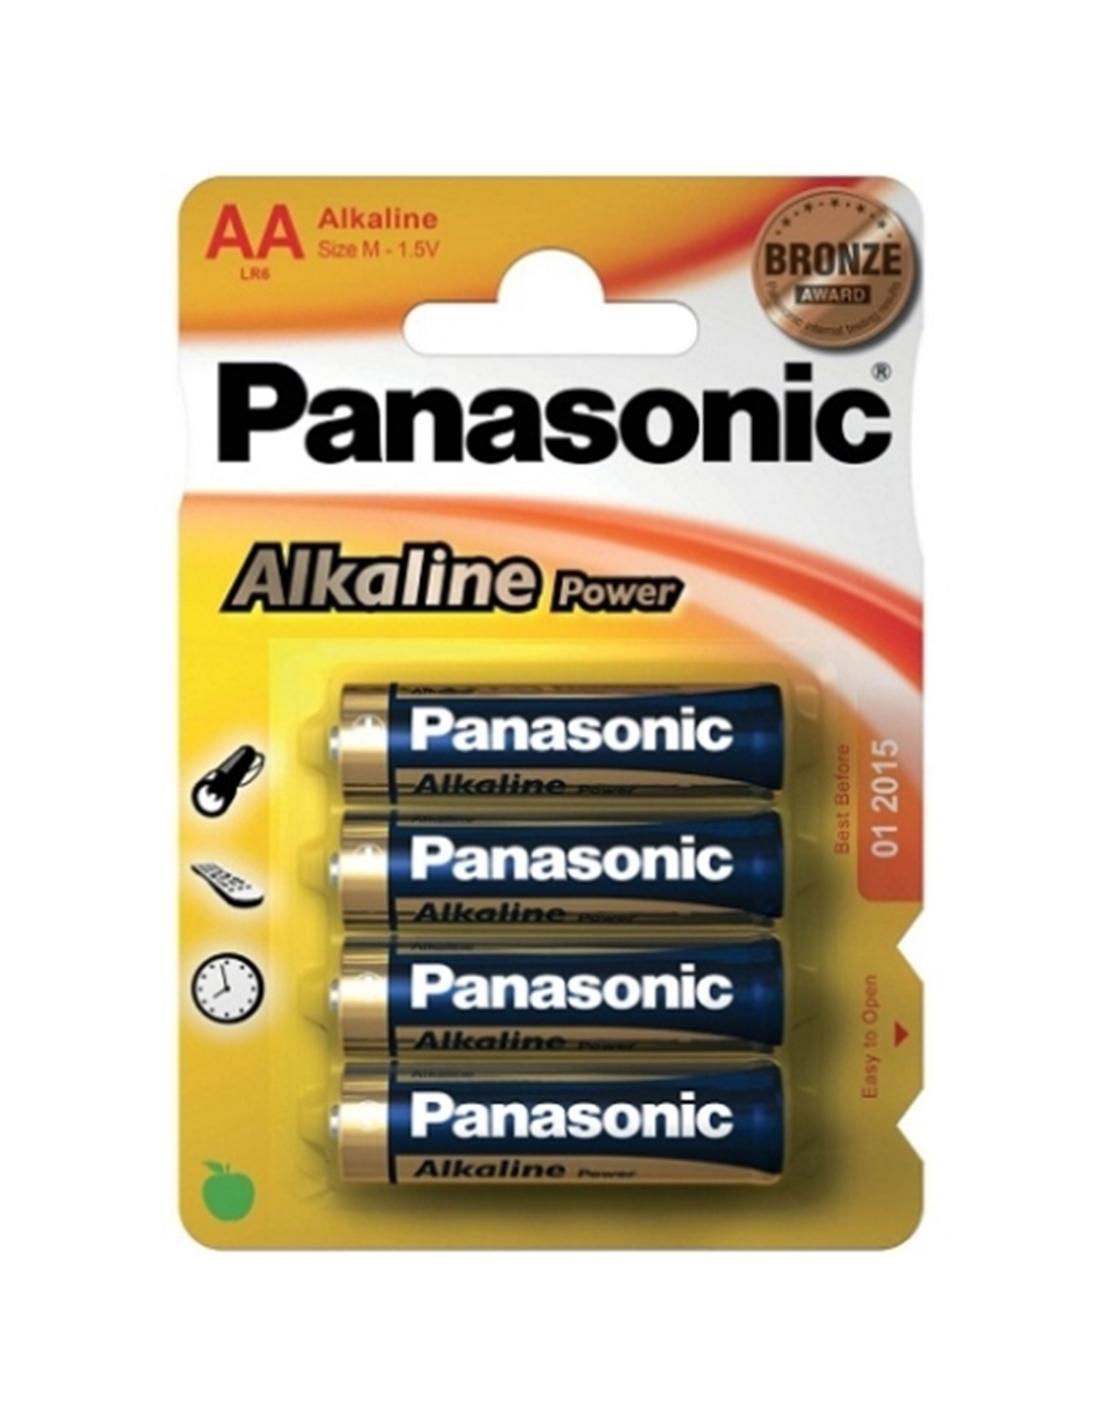 4 Pilhas Aa Alcalinas Panasonic - PR2010319357